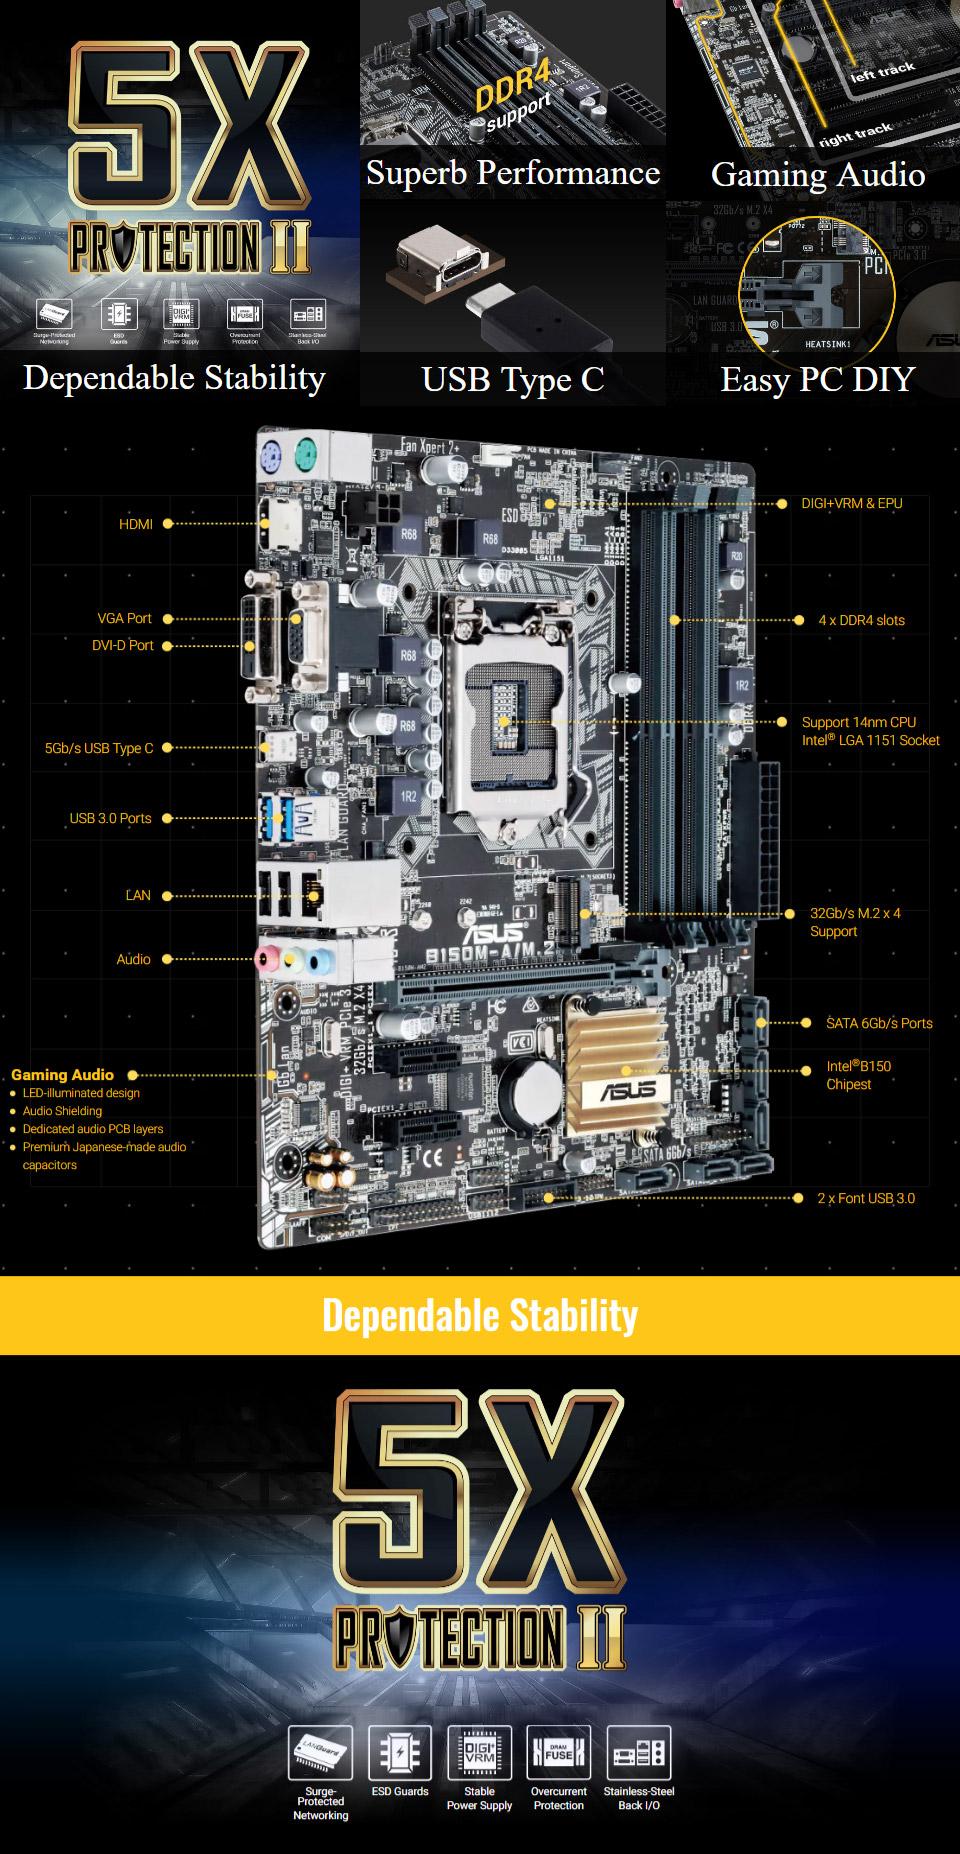 ASUS B150M-ET M2 REALTEK LAN DRIVERS WINDOWS 7